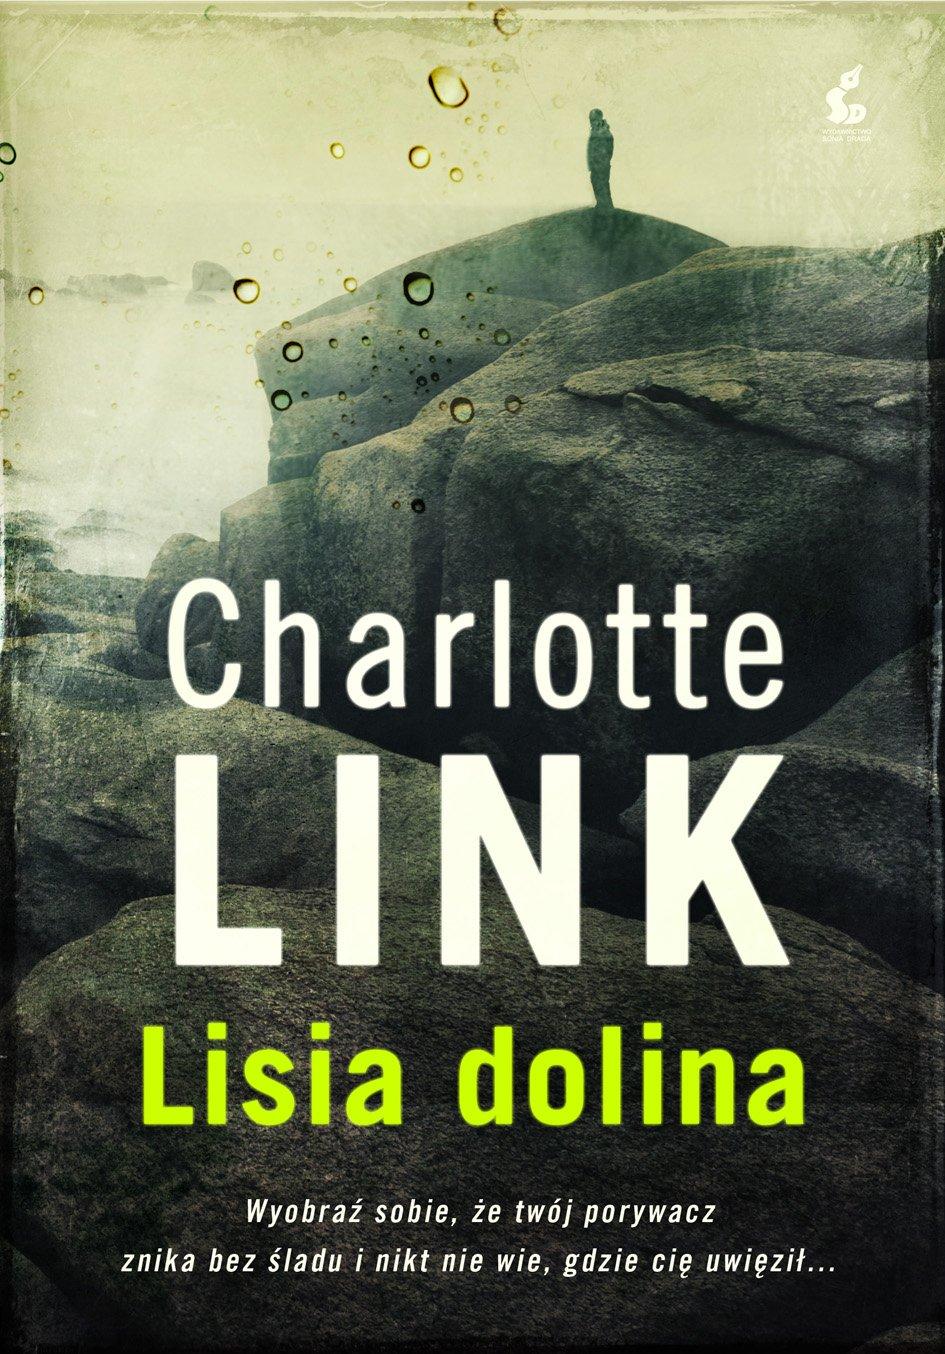 Lisia dolina - Ebook (Książka EPUB) do pobrania w formacie EPUB